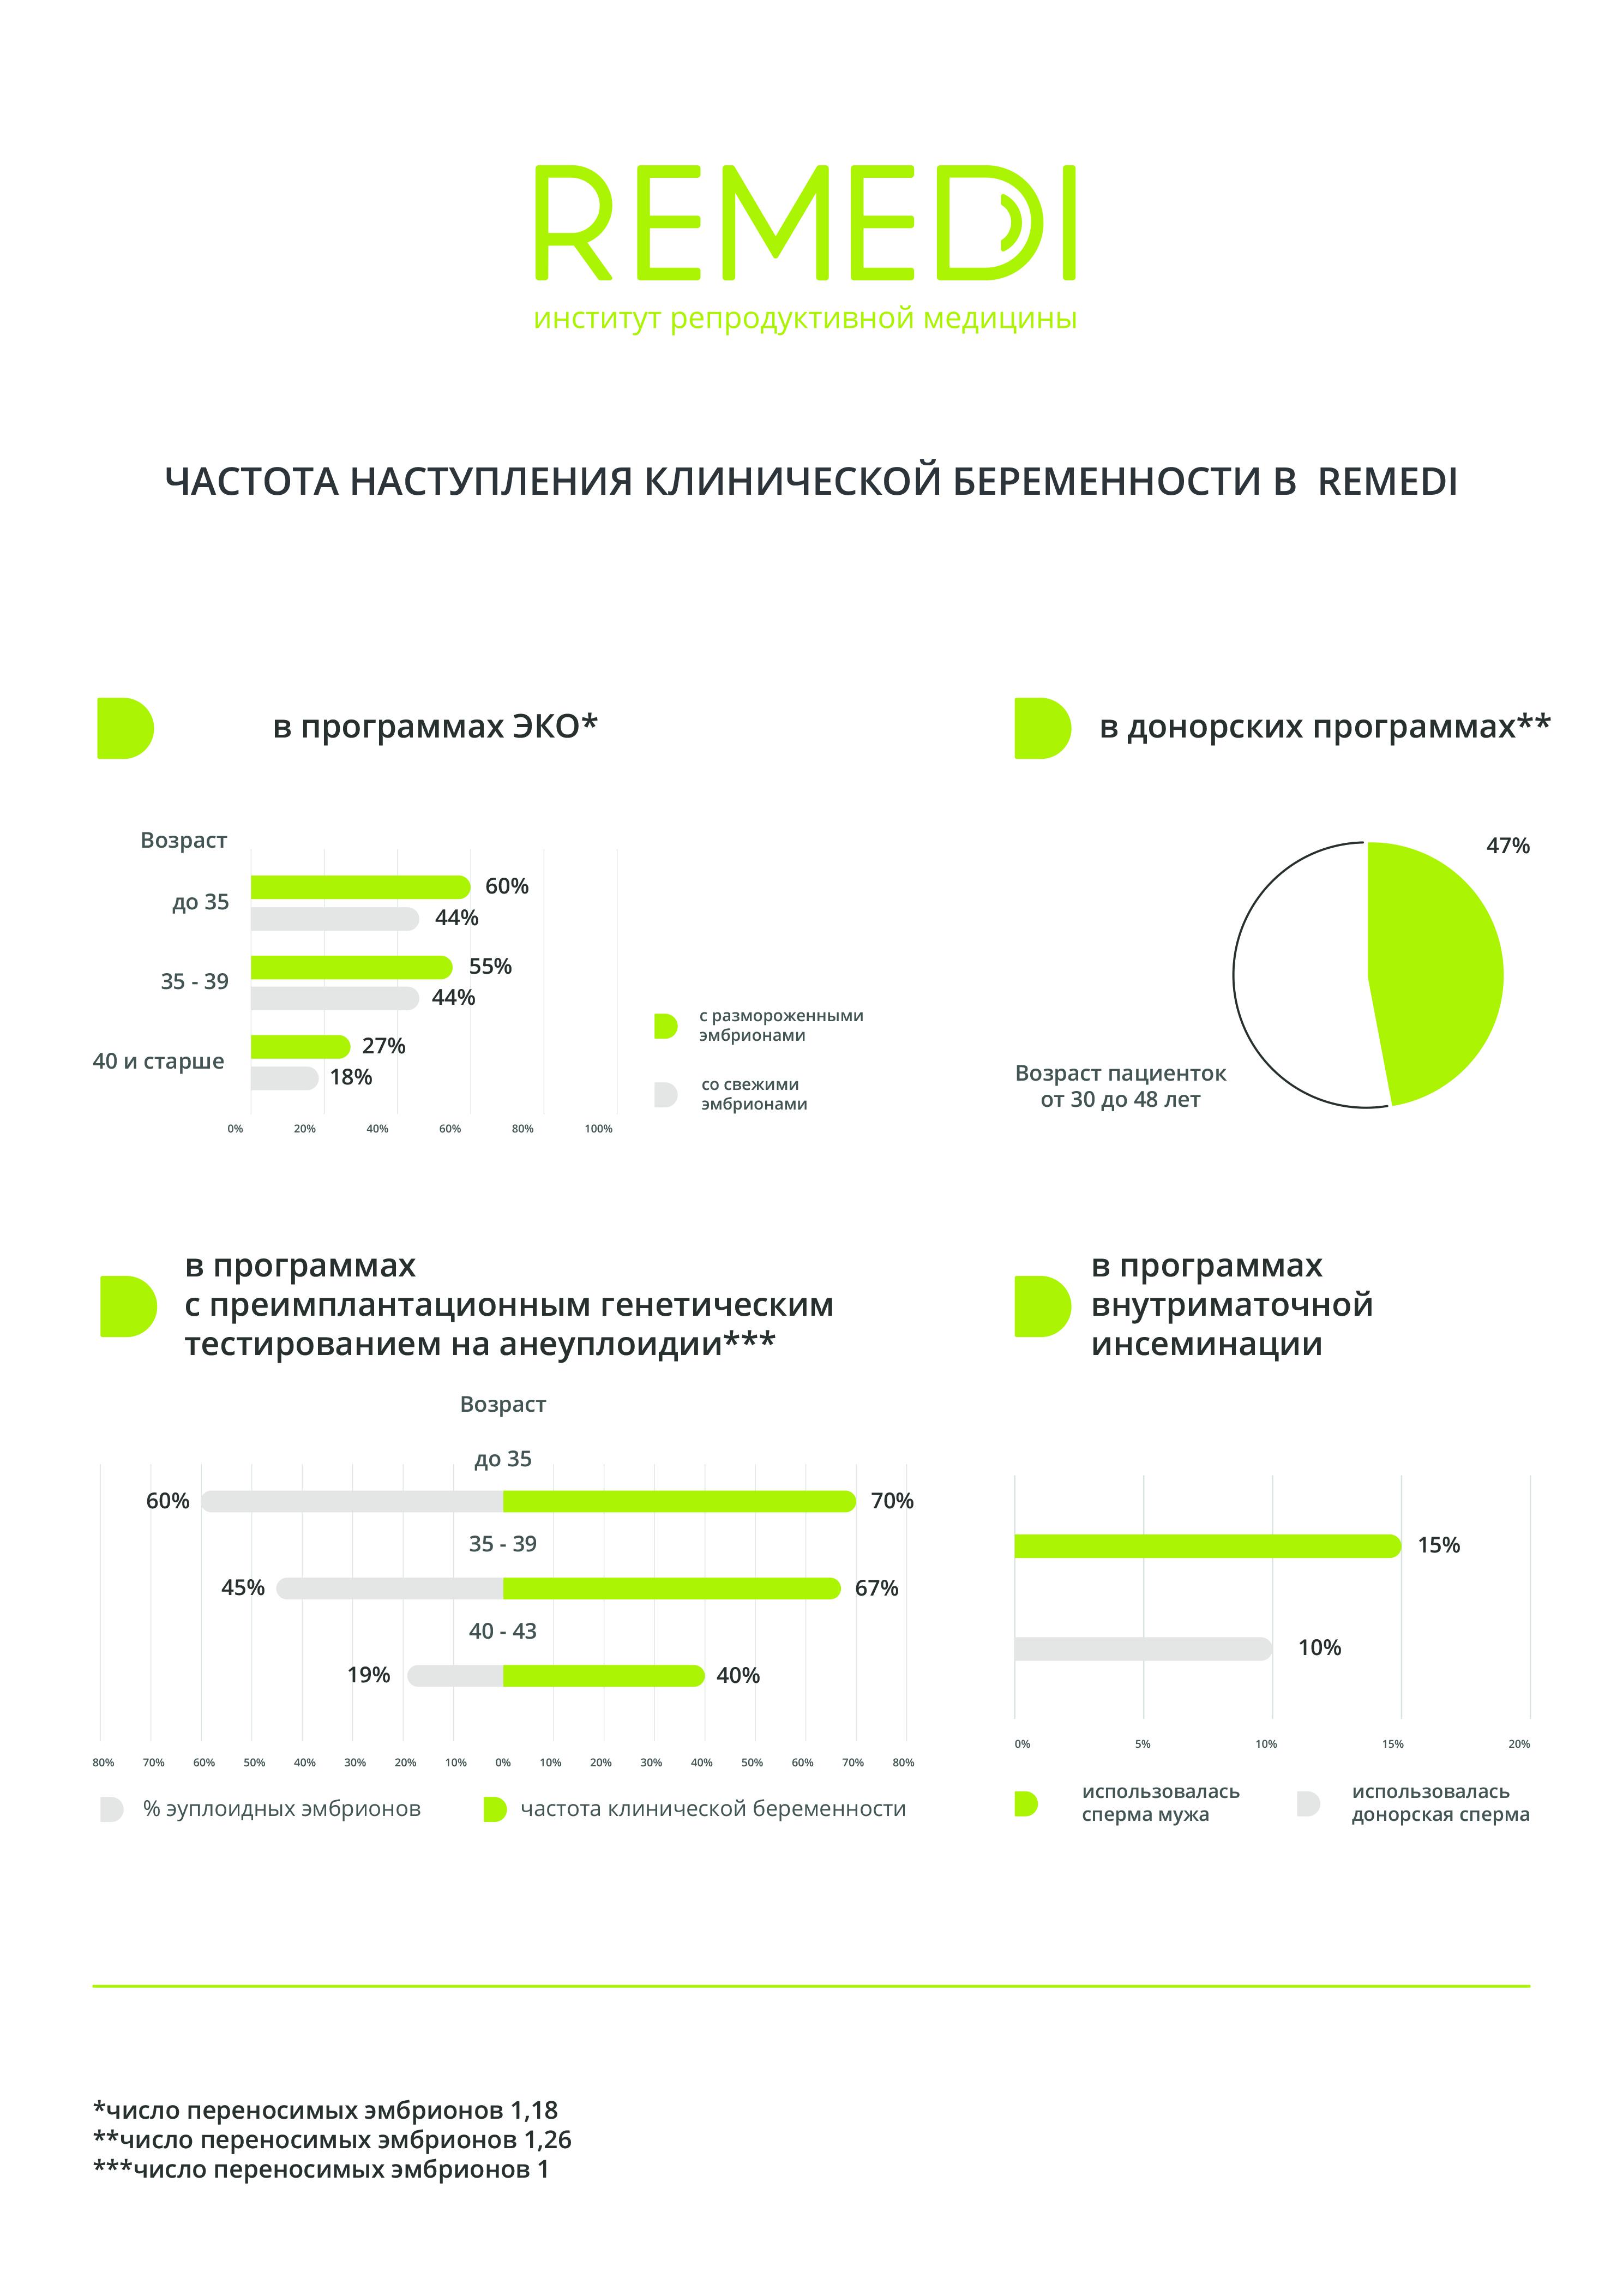 график эффективности ЭКО